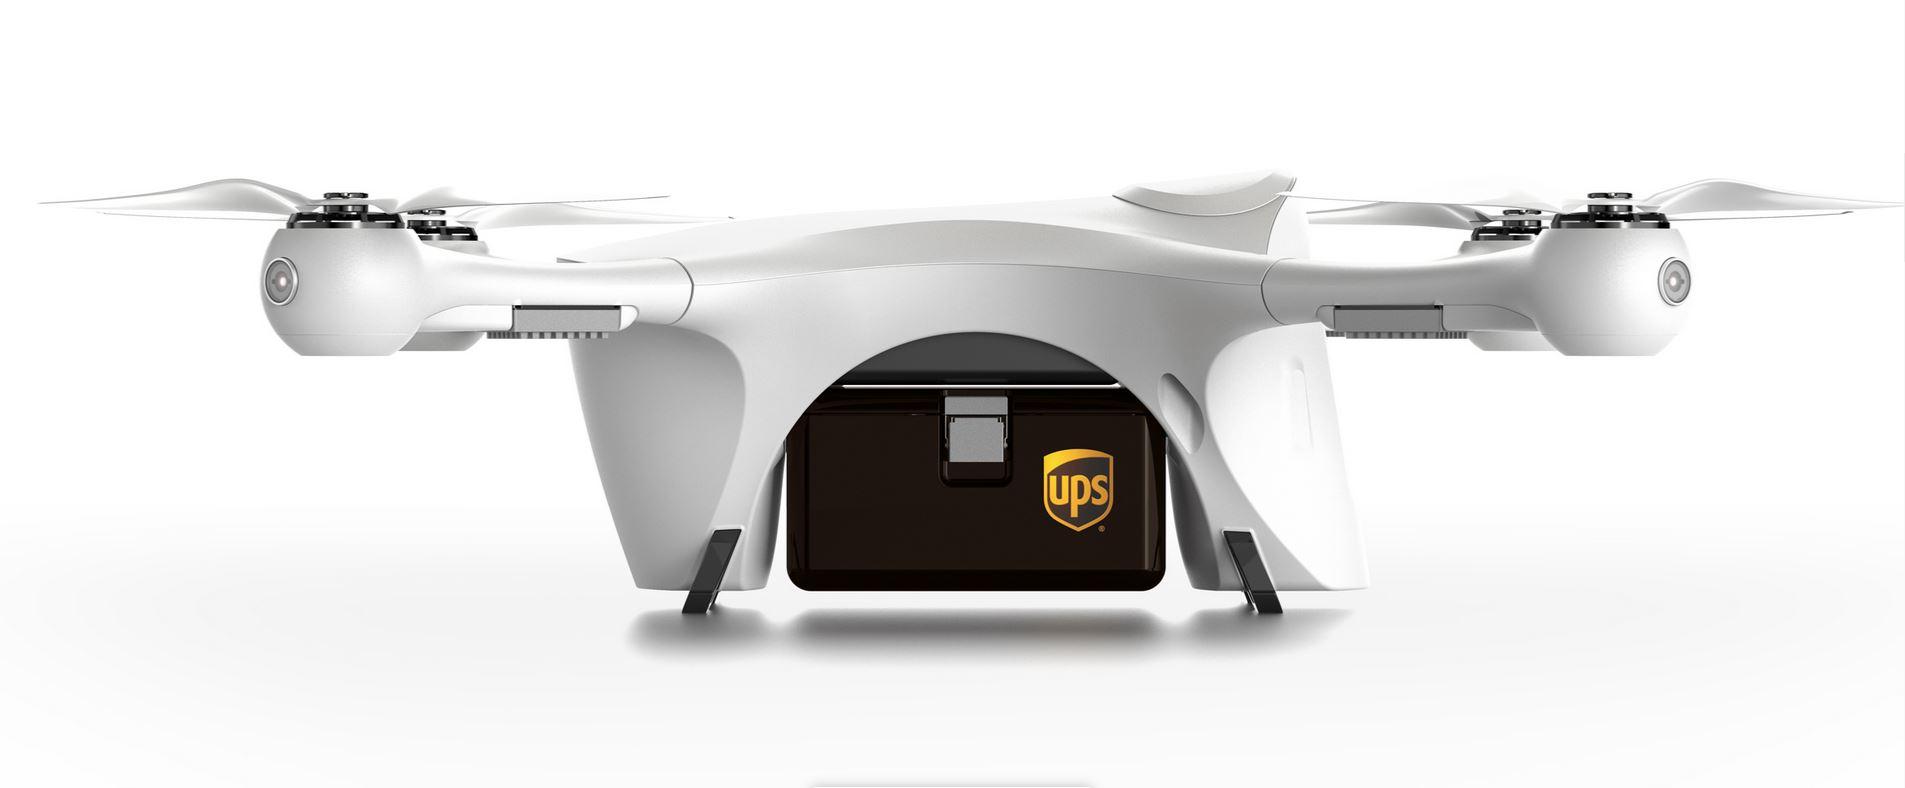 U.S. Grants UPS Permission to run Drone Fleet